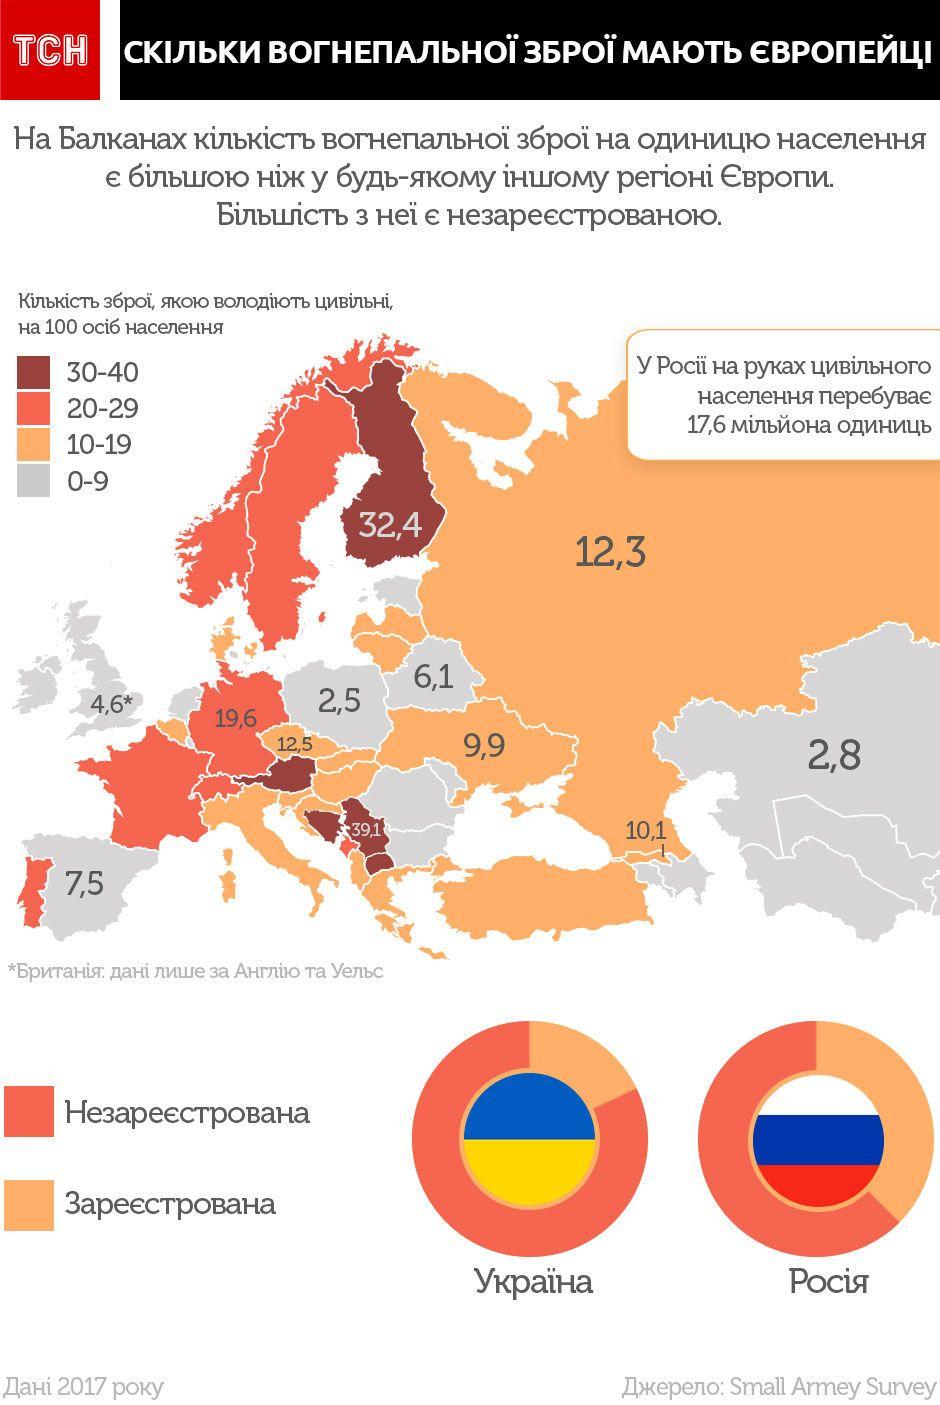 скільки вогнепальної зброї мають європейці, інфографіка